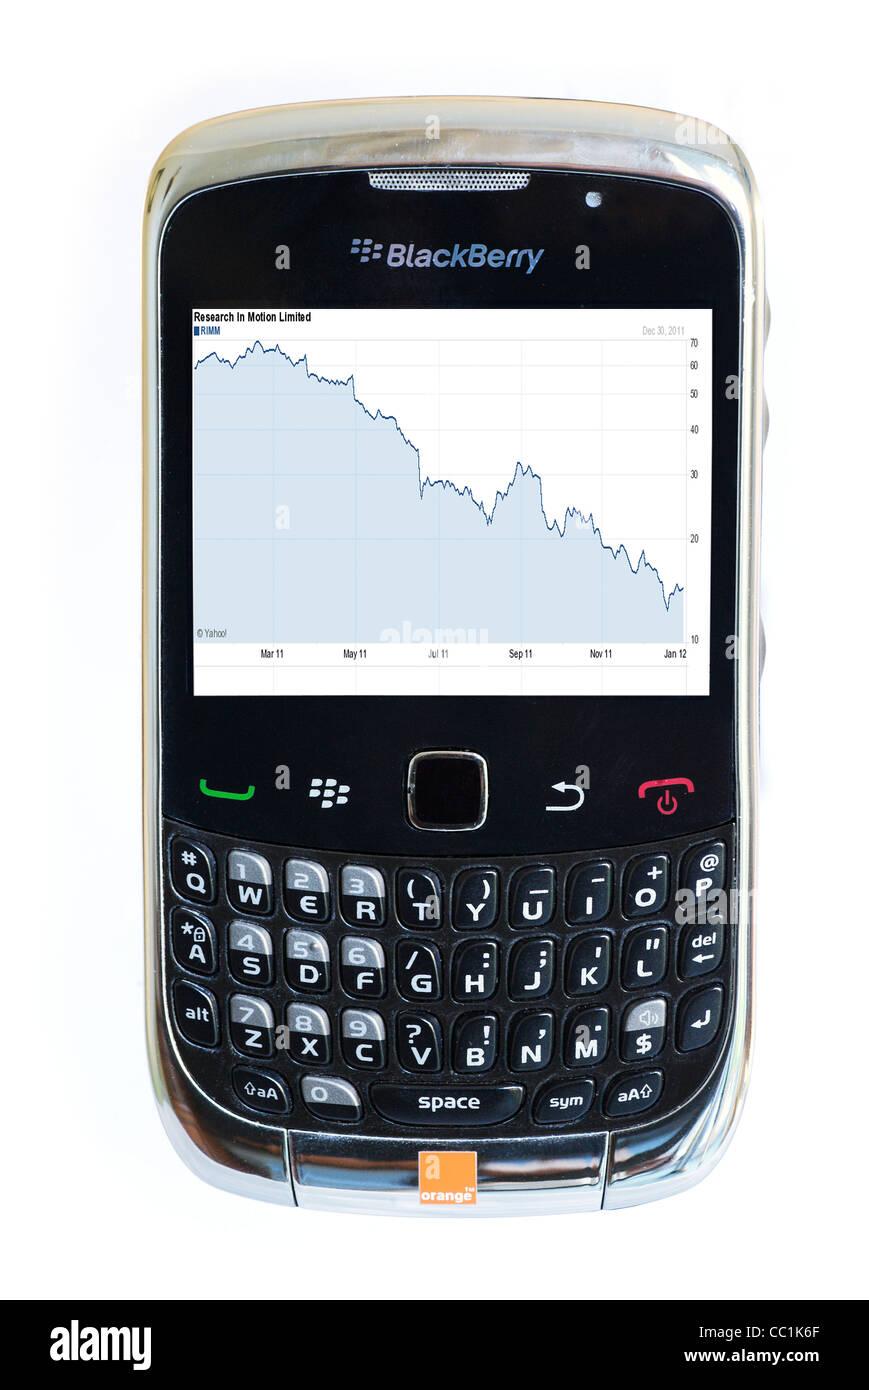 Smartphone Blackberry Curve montrant l'dramatice dans le cours de l'action de l'automne 2011 au cours Photo Stock